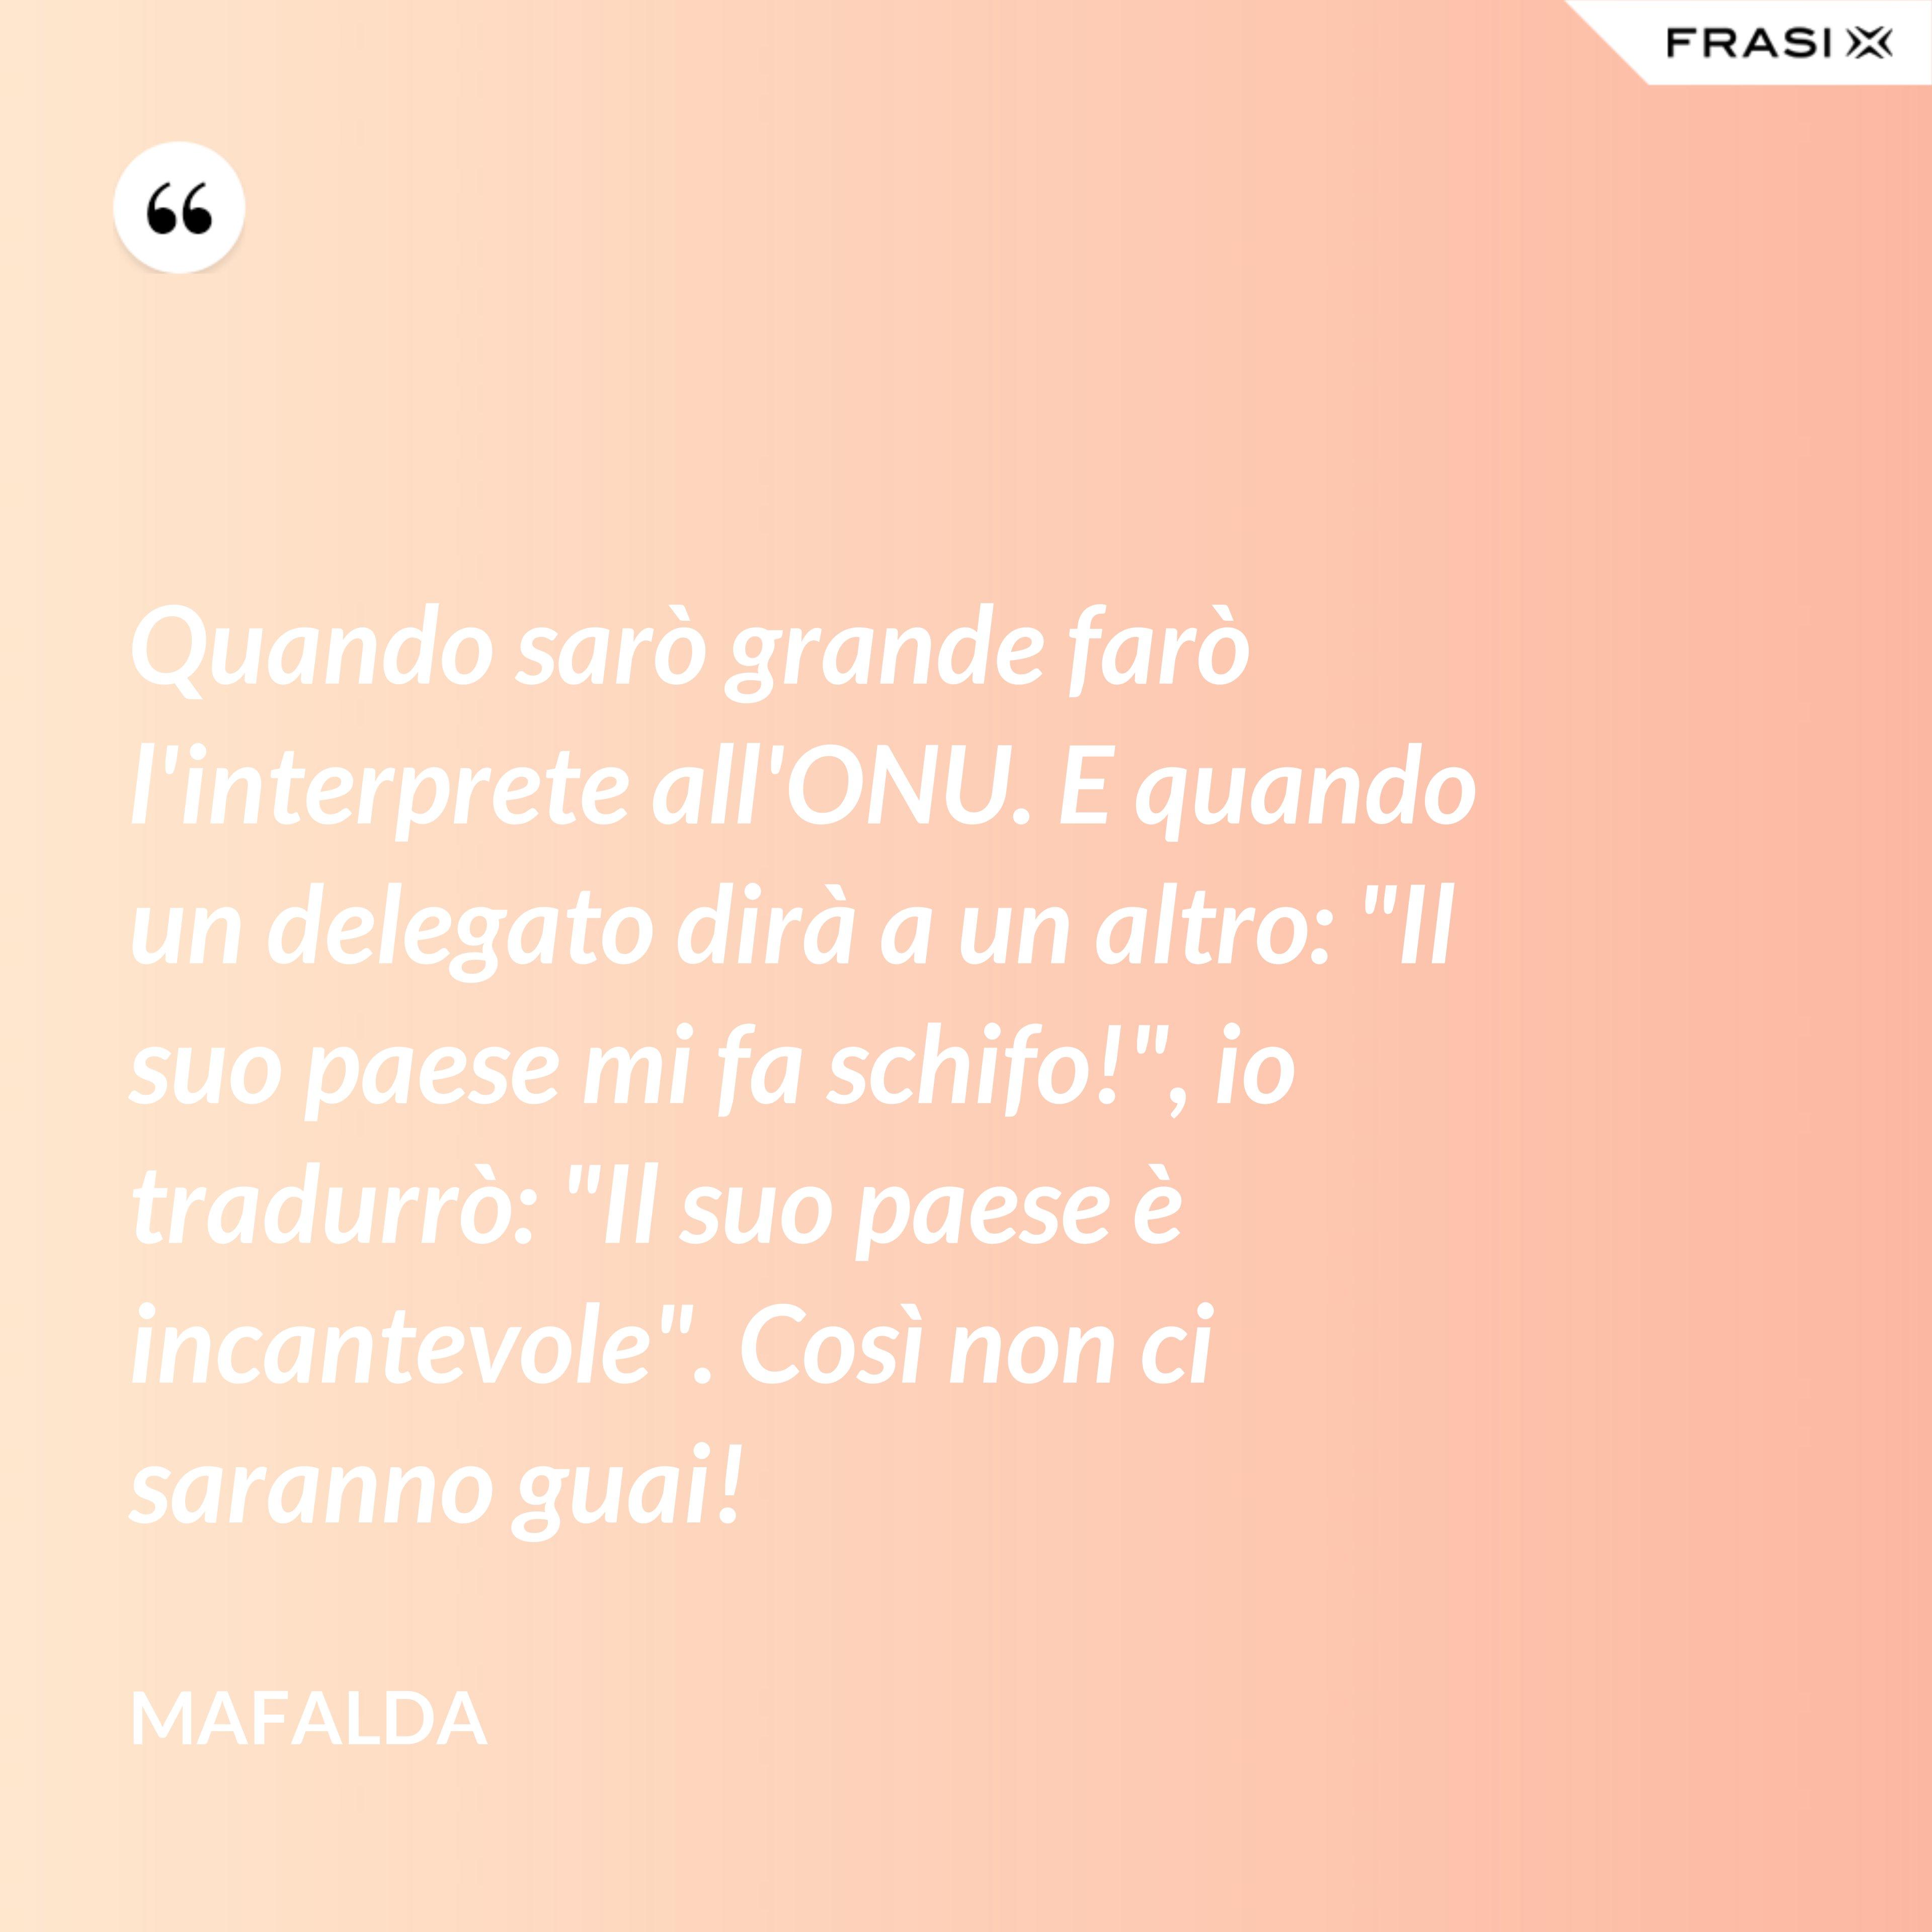 """Quando sarò grande farò l'interprete all'ONU. E quando un delegato dirà a un altro: """"Il suo paese mi fa schifo!"""", io tradurrò: """"Il suo paese è incantevole"""". Così non ci saranno guai! - Mafalda"""